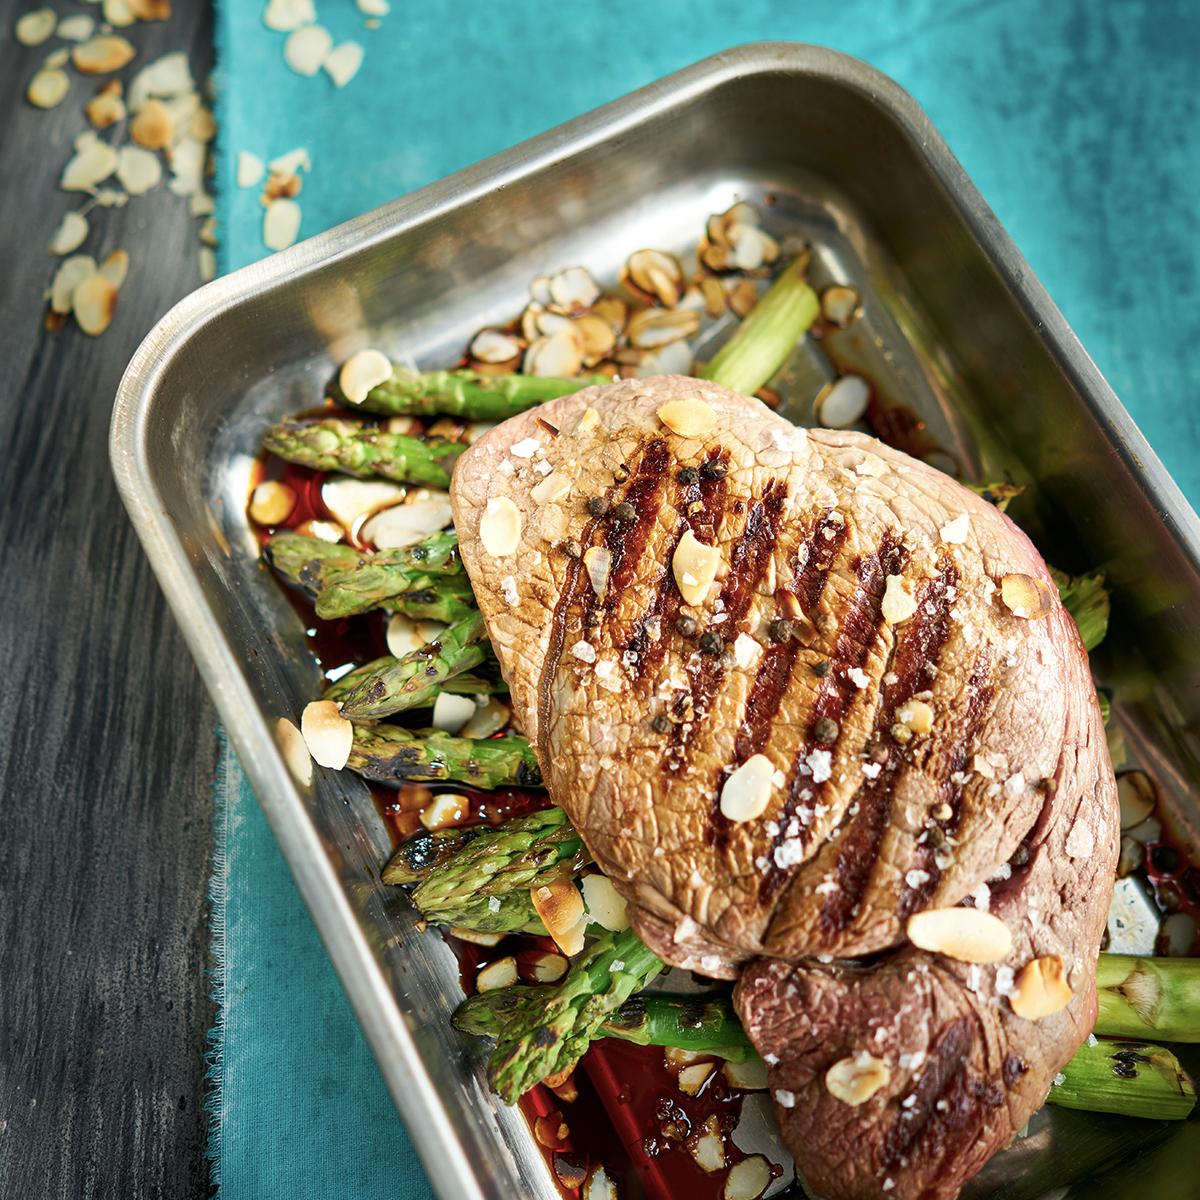 El exceso de ingesta de proteína también puede acarrear problemas.